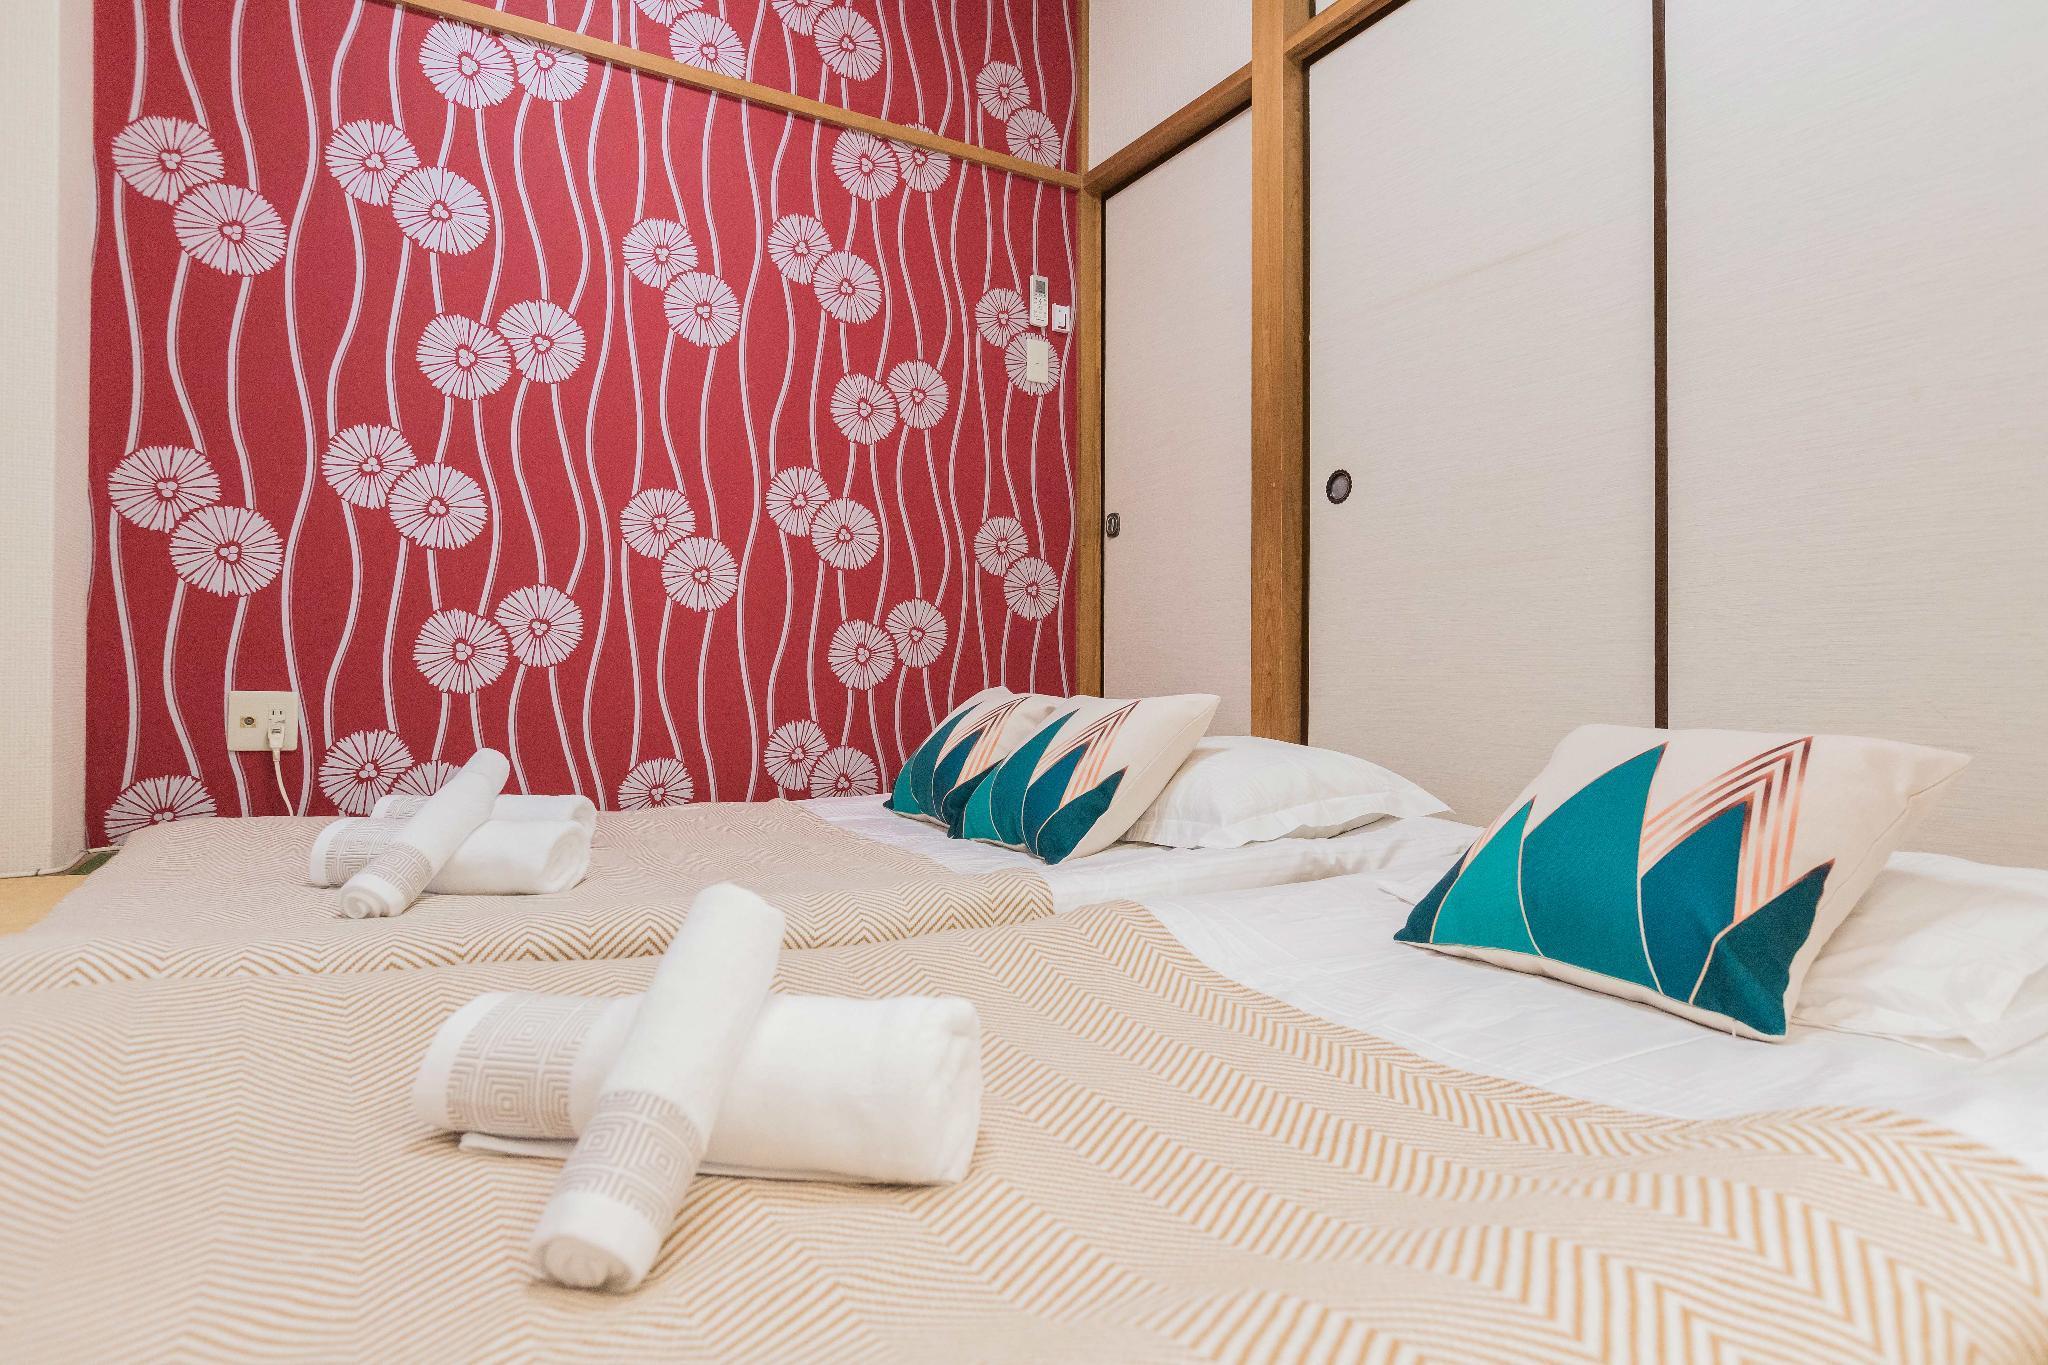 Ichigaya Choenjimachi Hotel Apartment 101